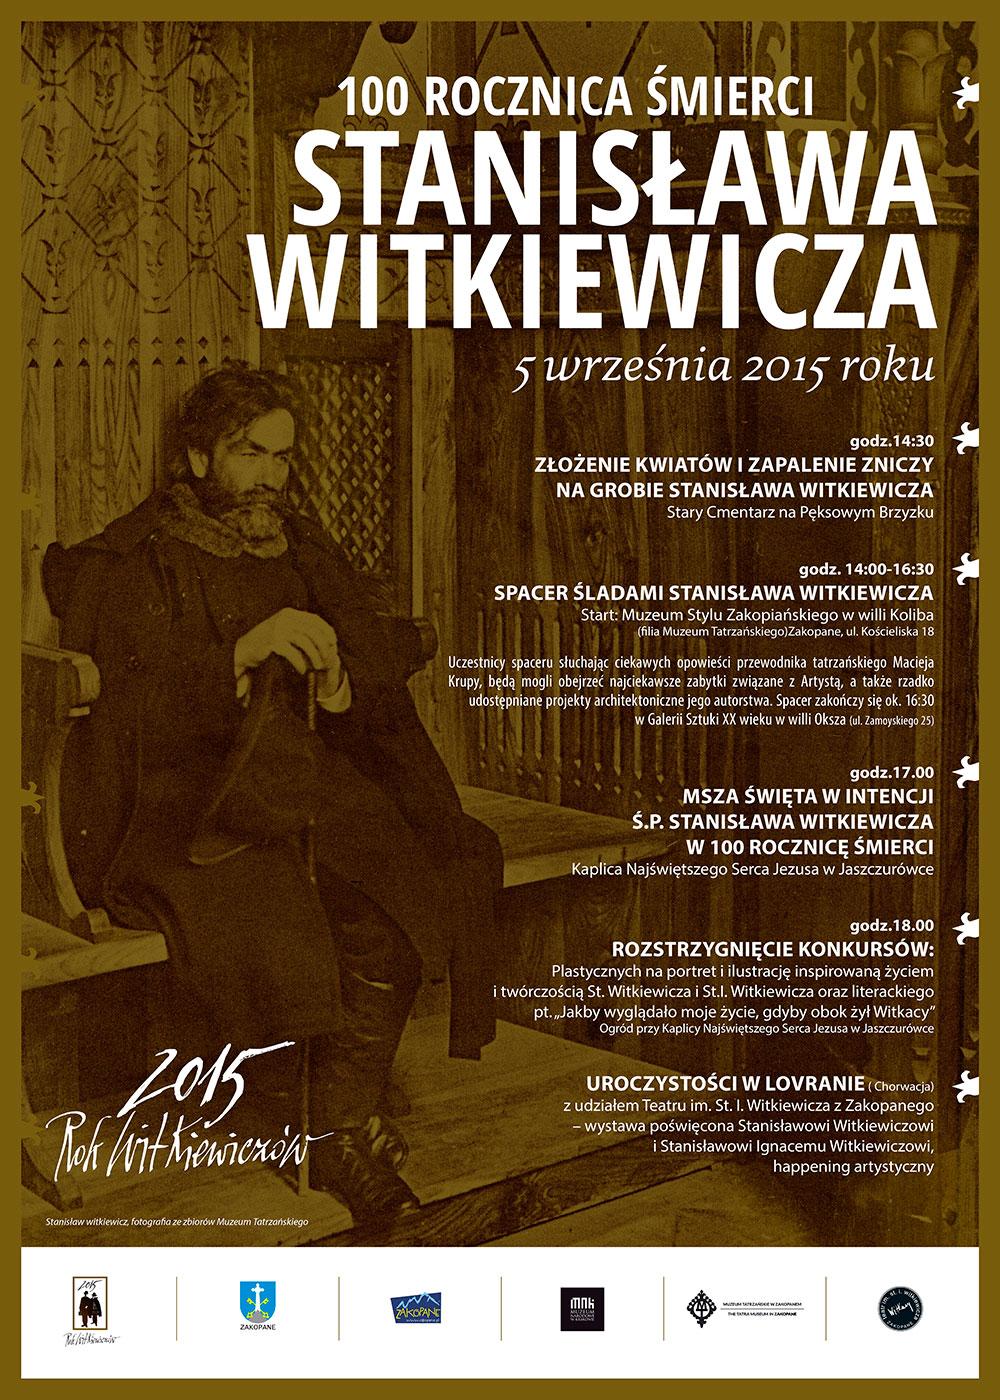 100_rocznica_smierci_witkiewicza_plakat_www_1